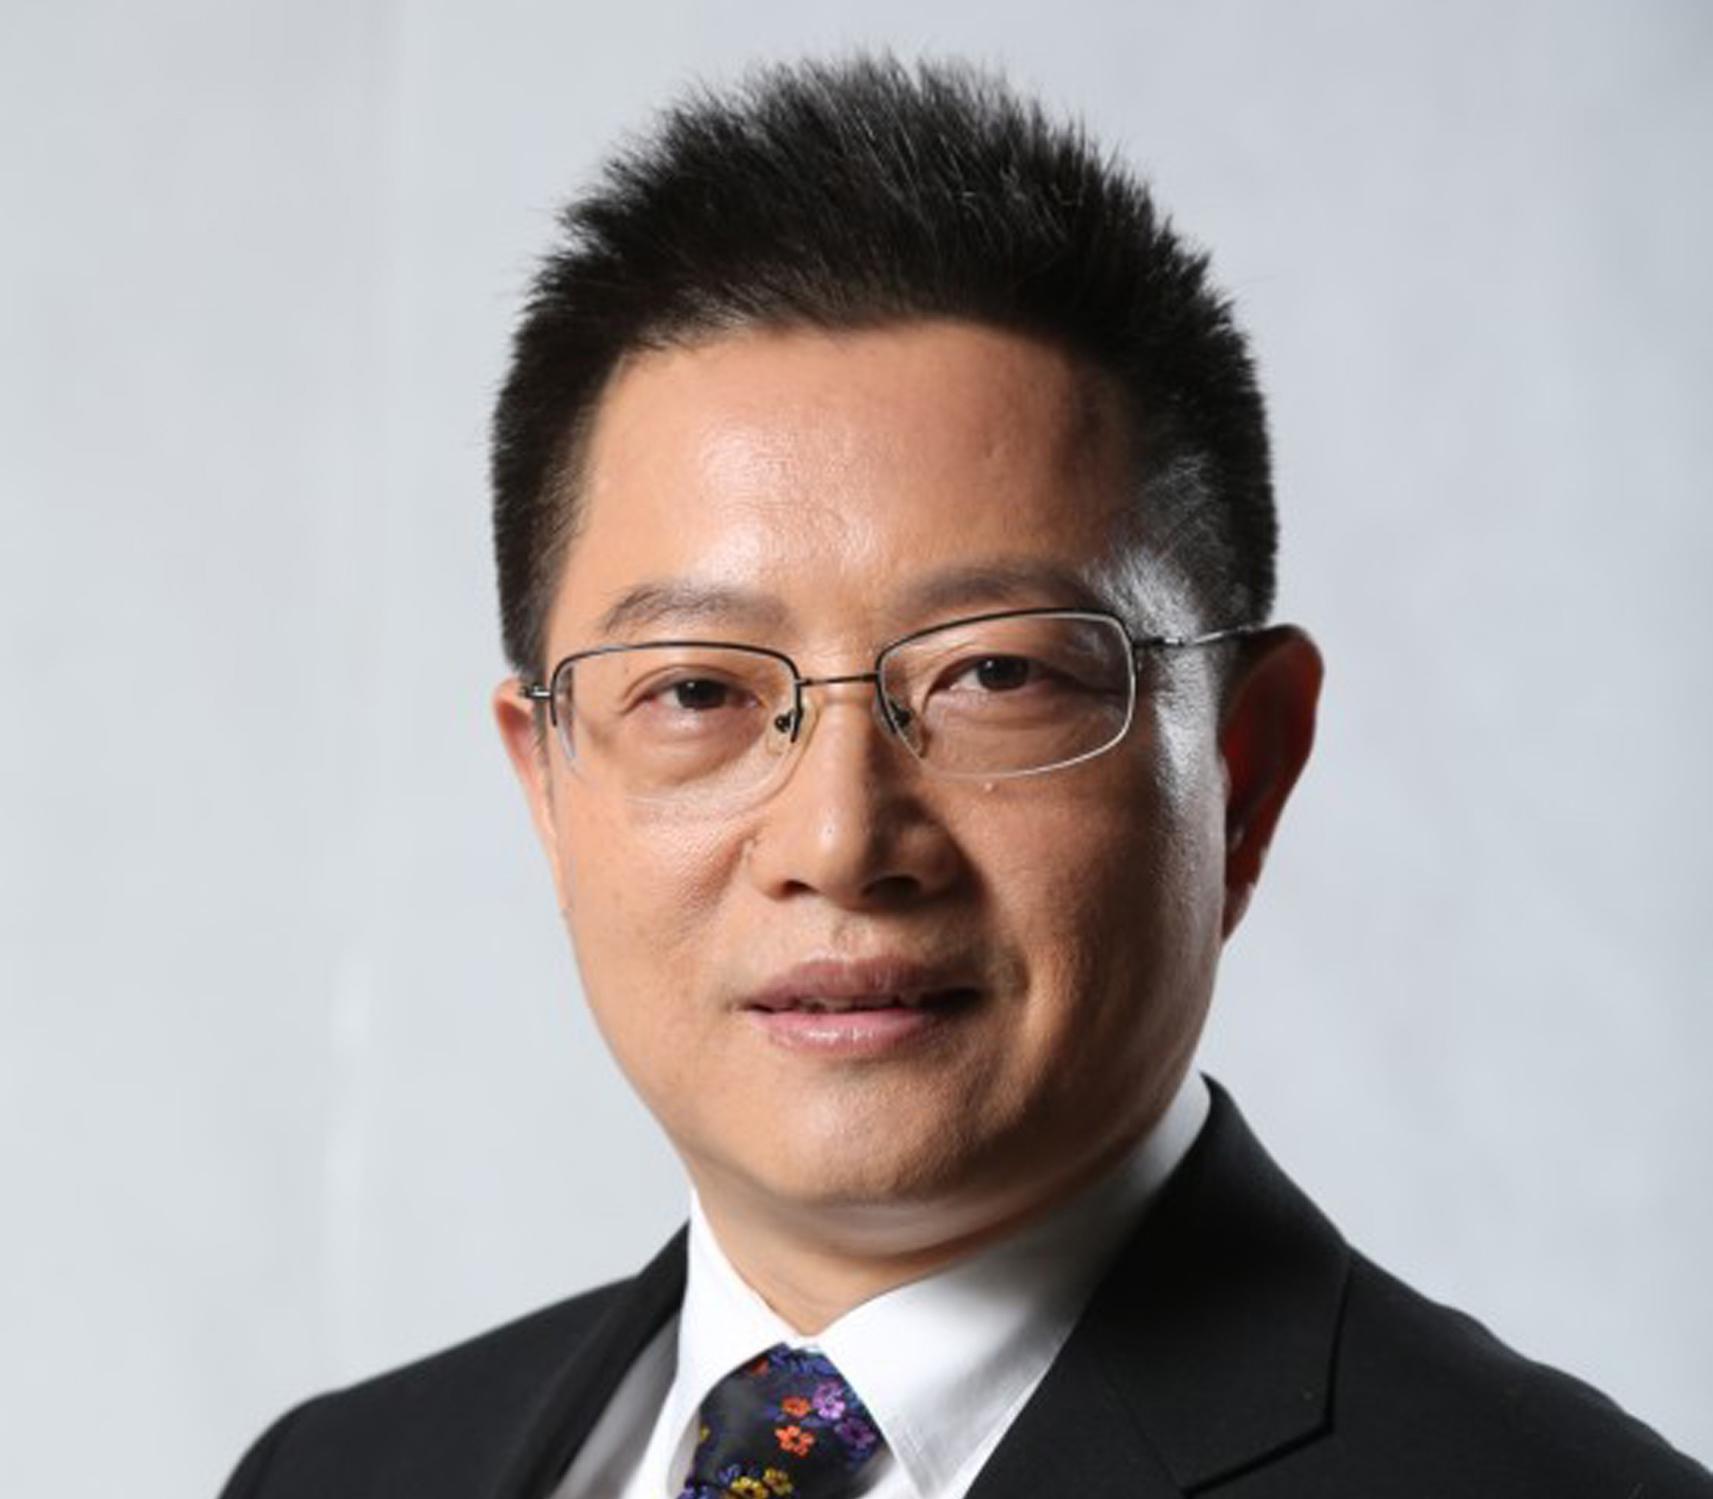 北京爱慕内衣有限公司董事长、总裁张荣明照片